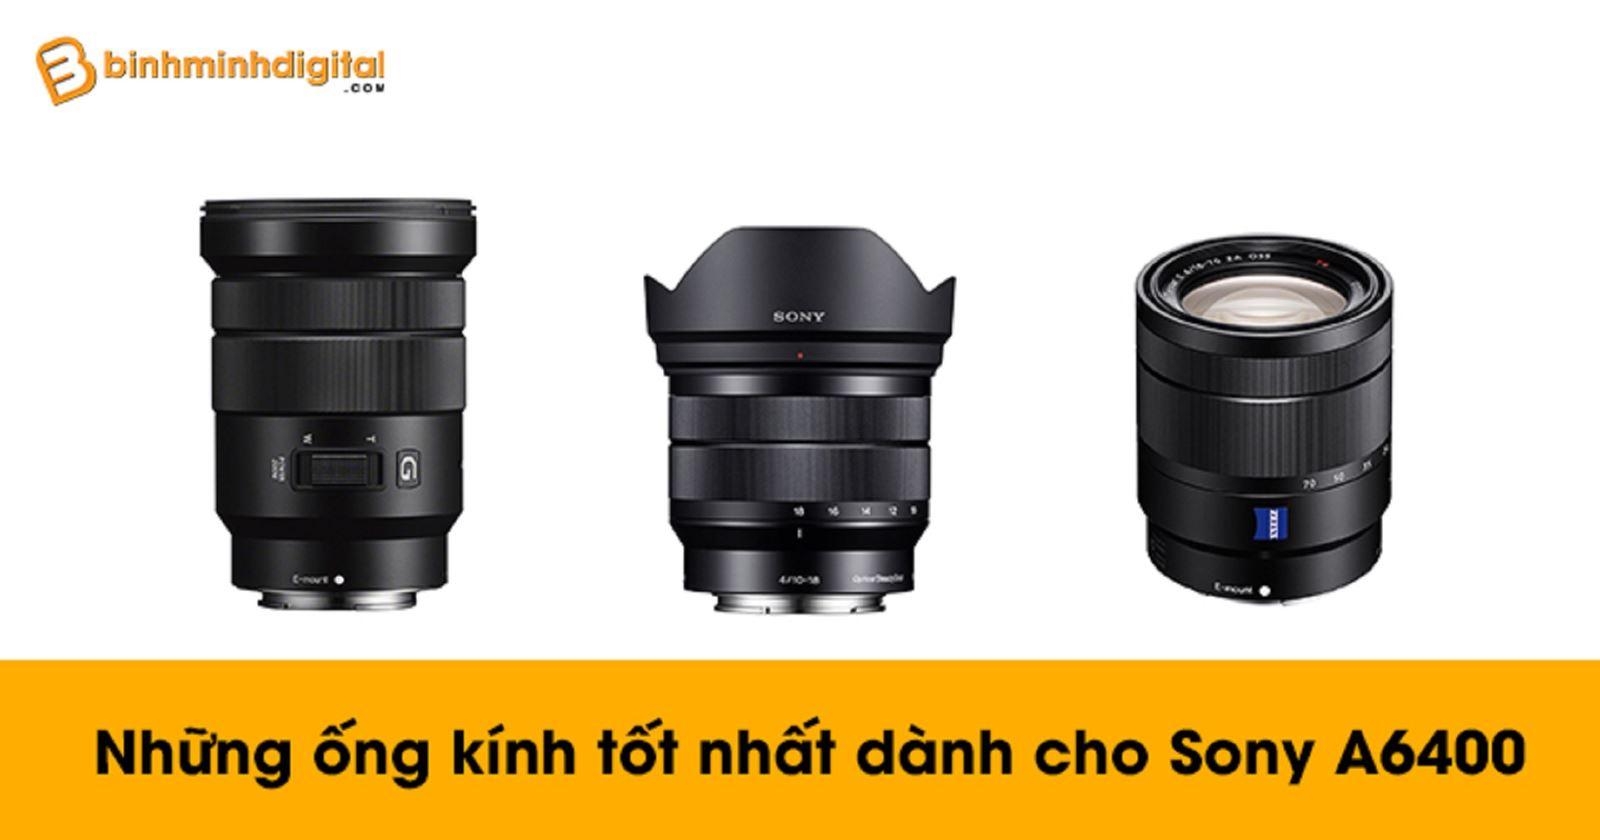 Những ống kính tốt nhất dành cho Sony A6400